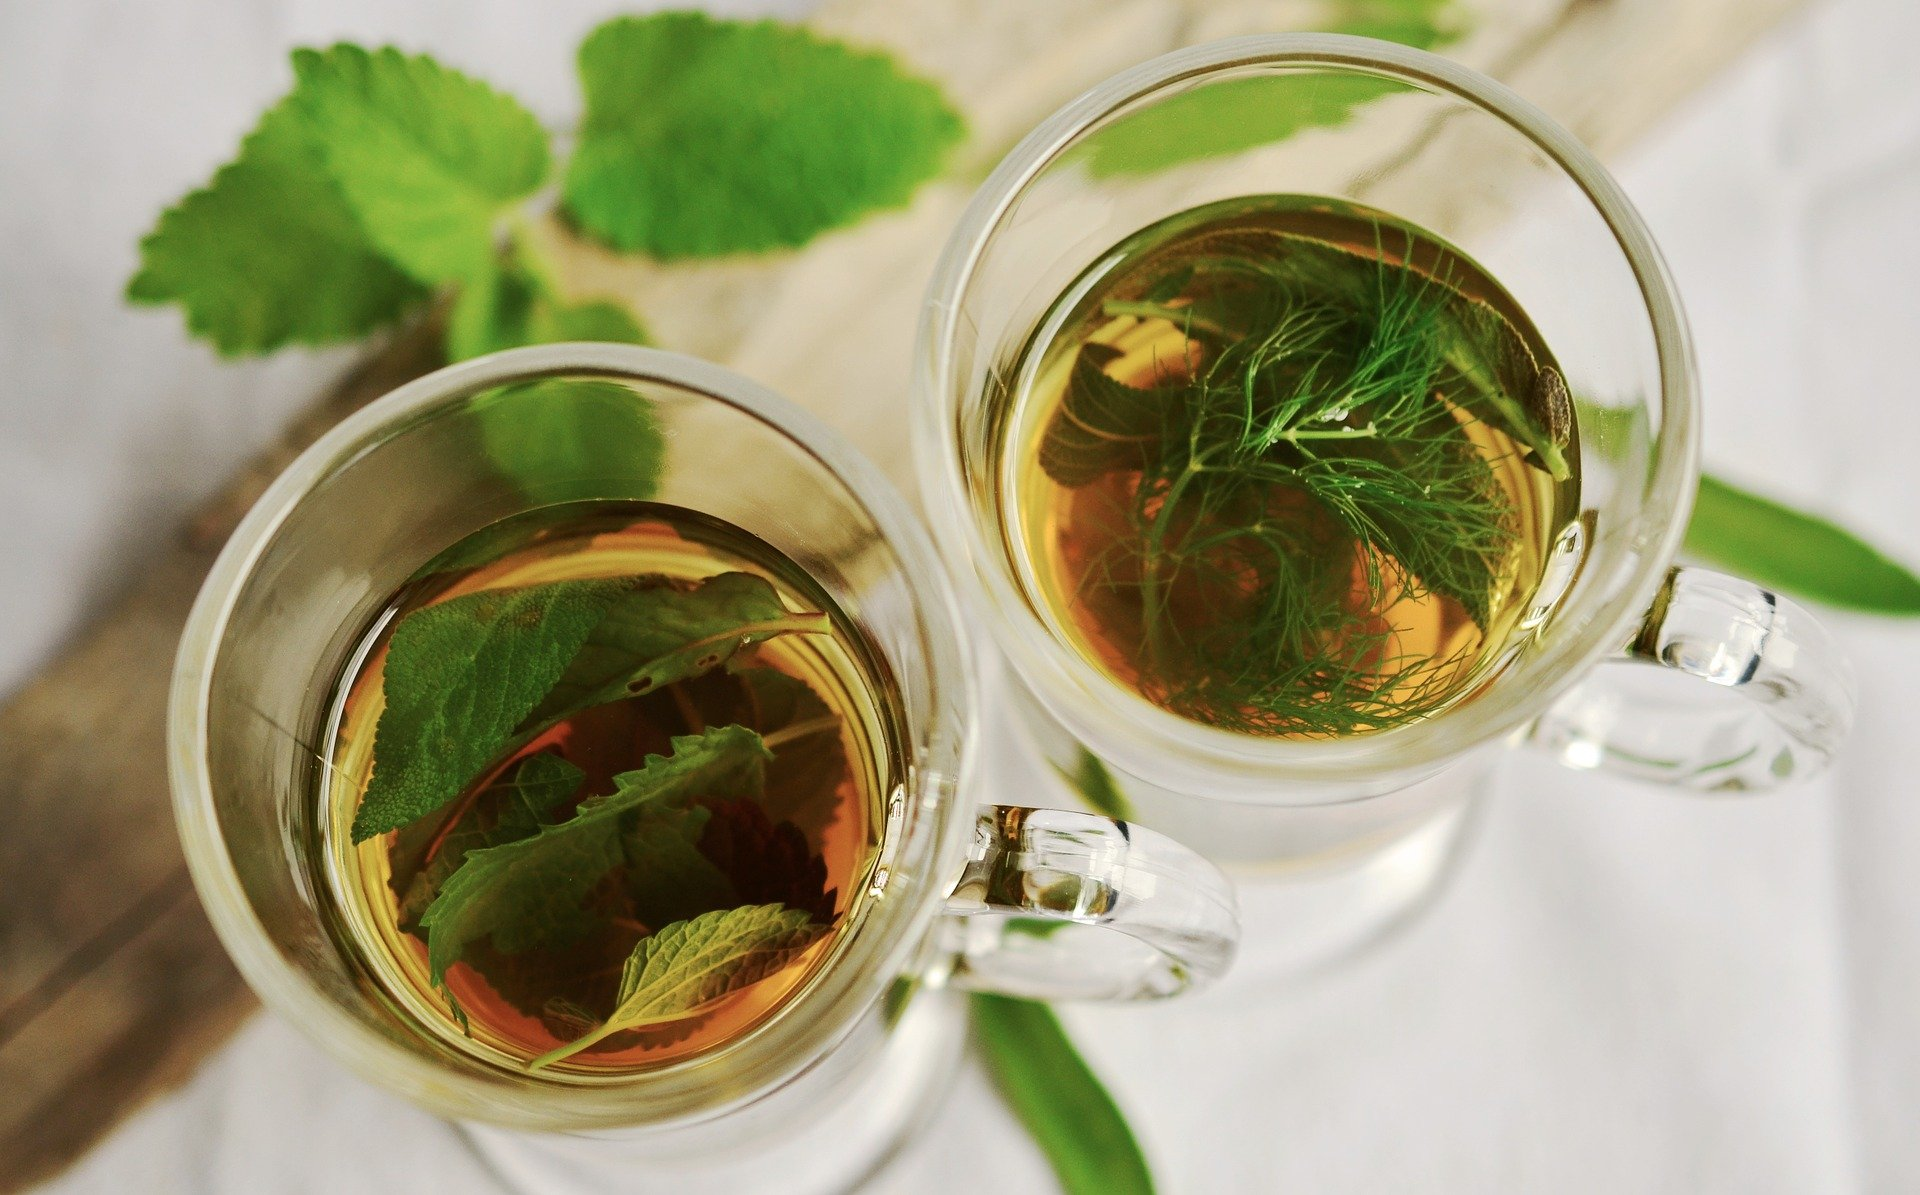 Что такое ферментированный чай и можно ли его приготовить в домашних условиях